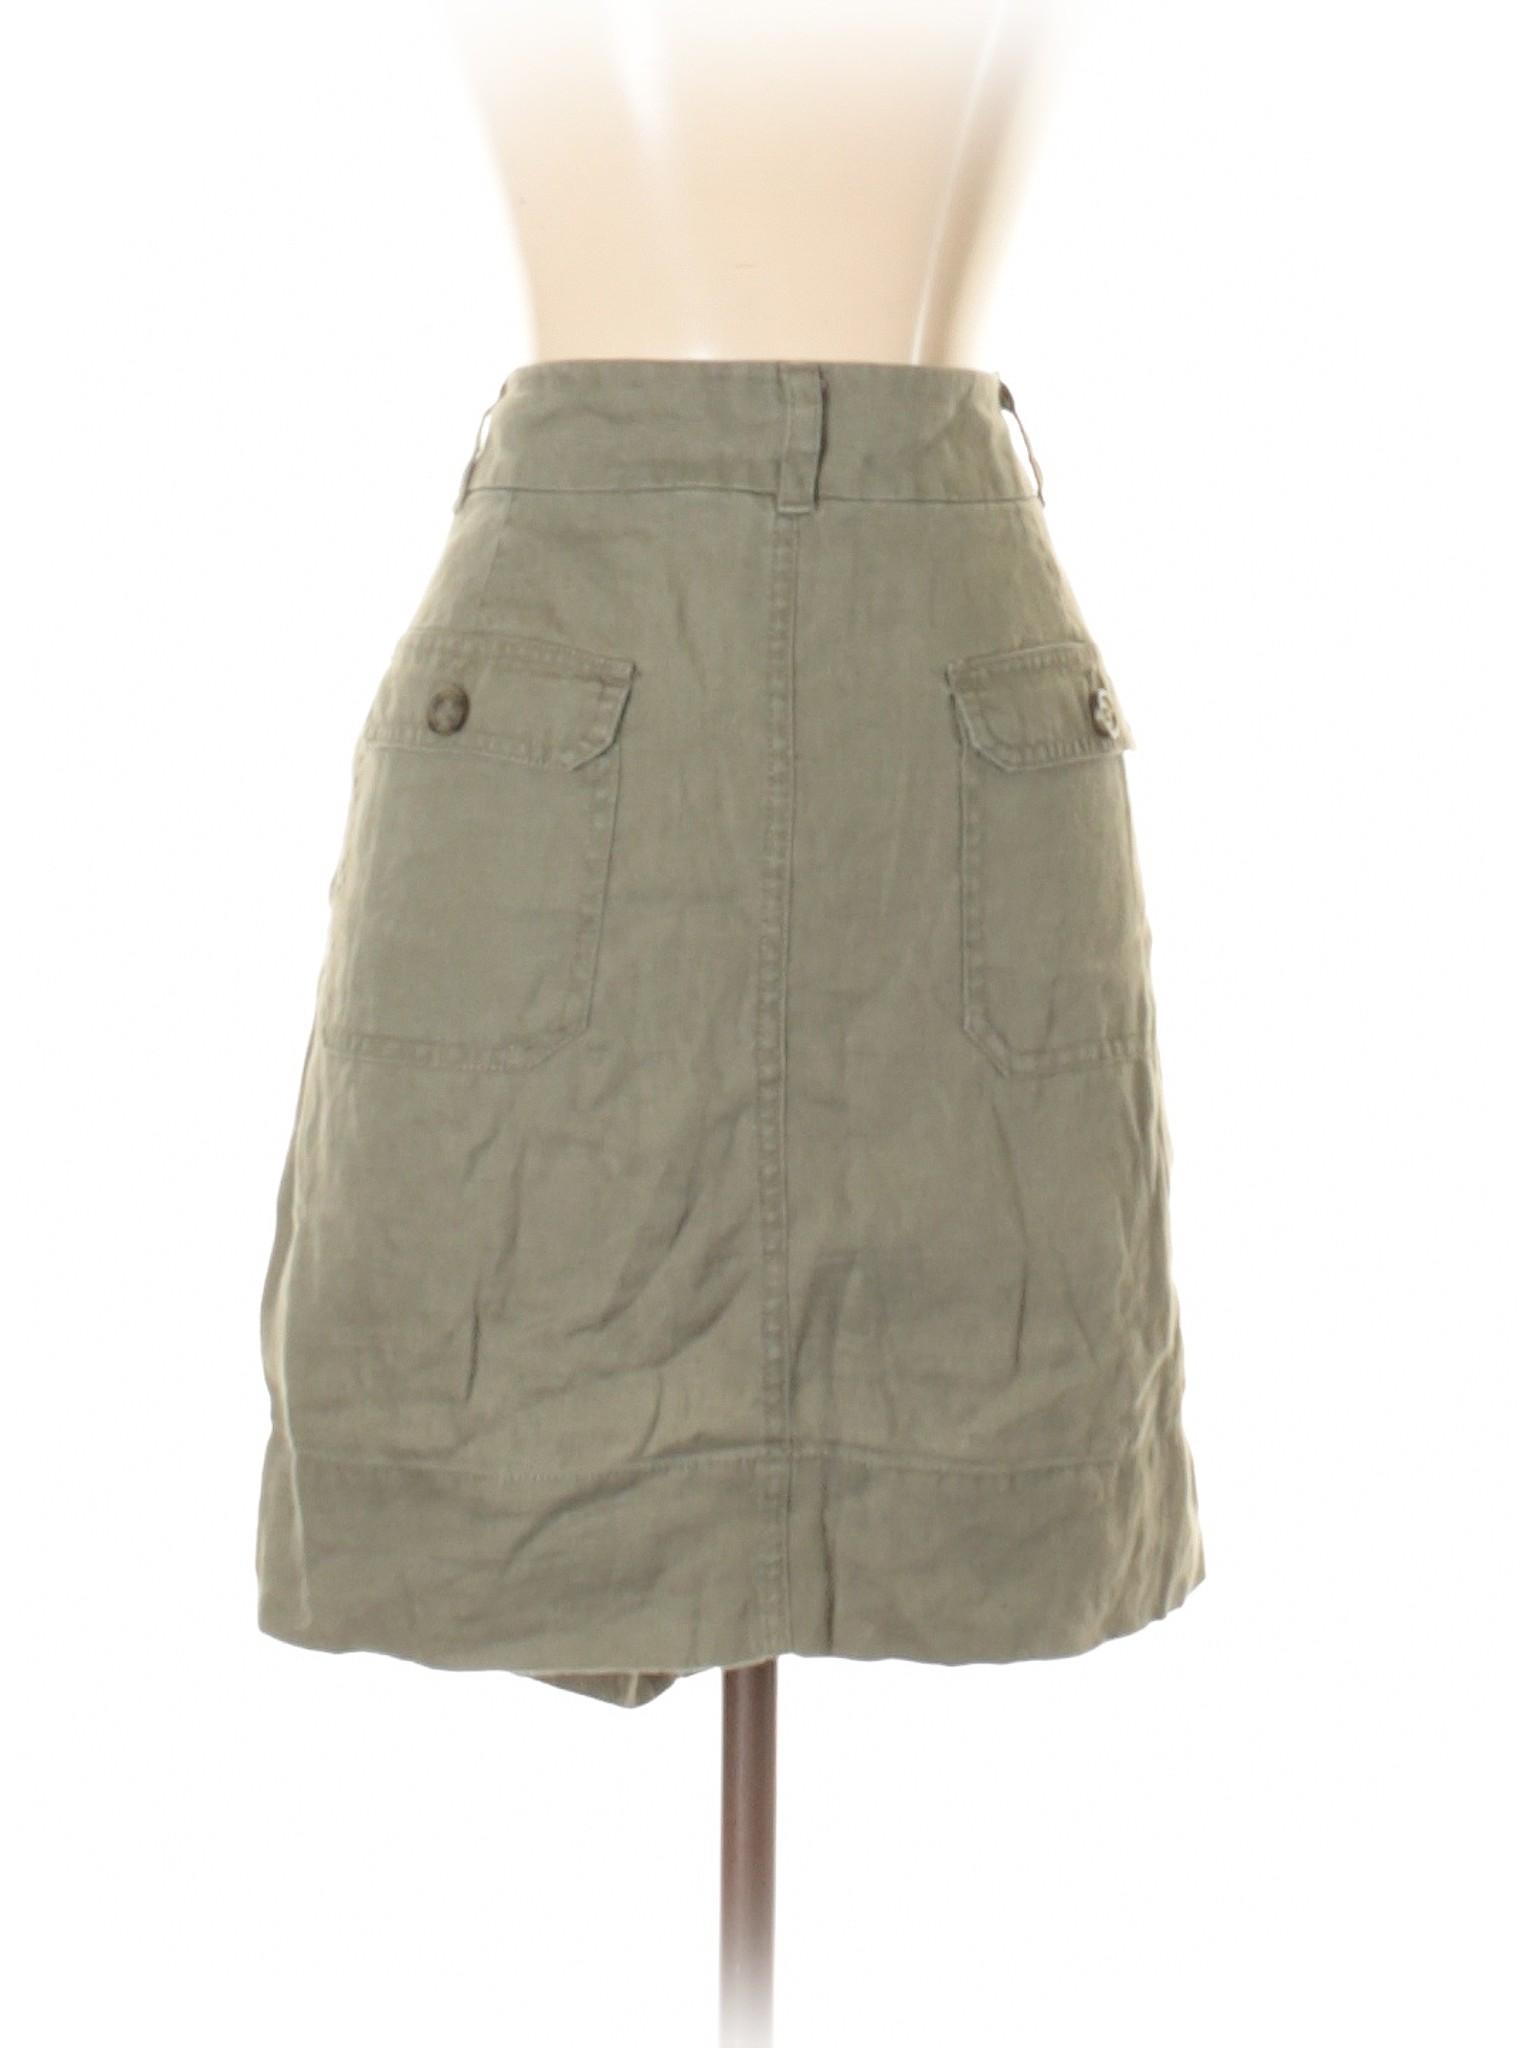 Casual Skirt Boutique Boutique Casual Skirt Boutique 0wZI0X